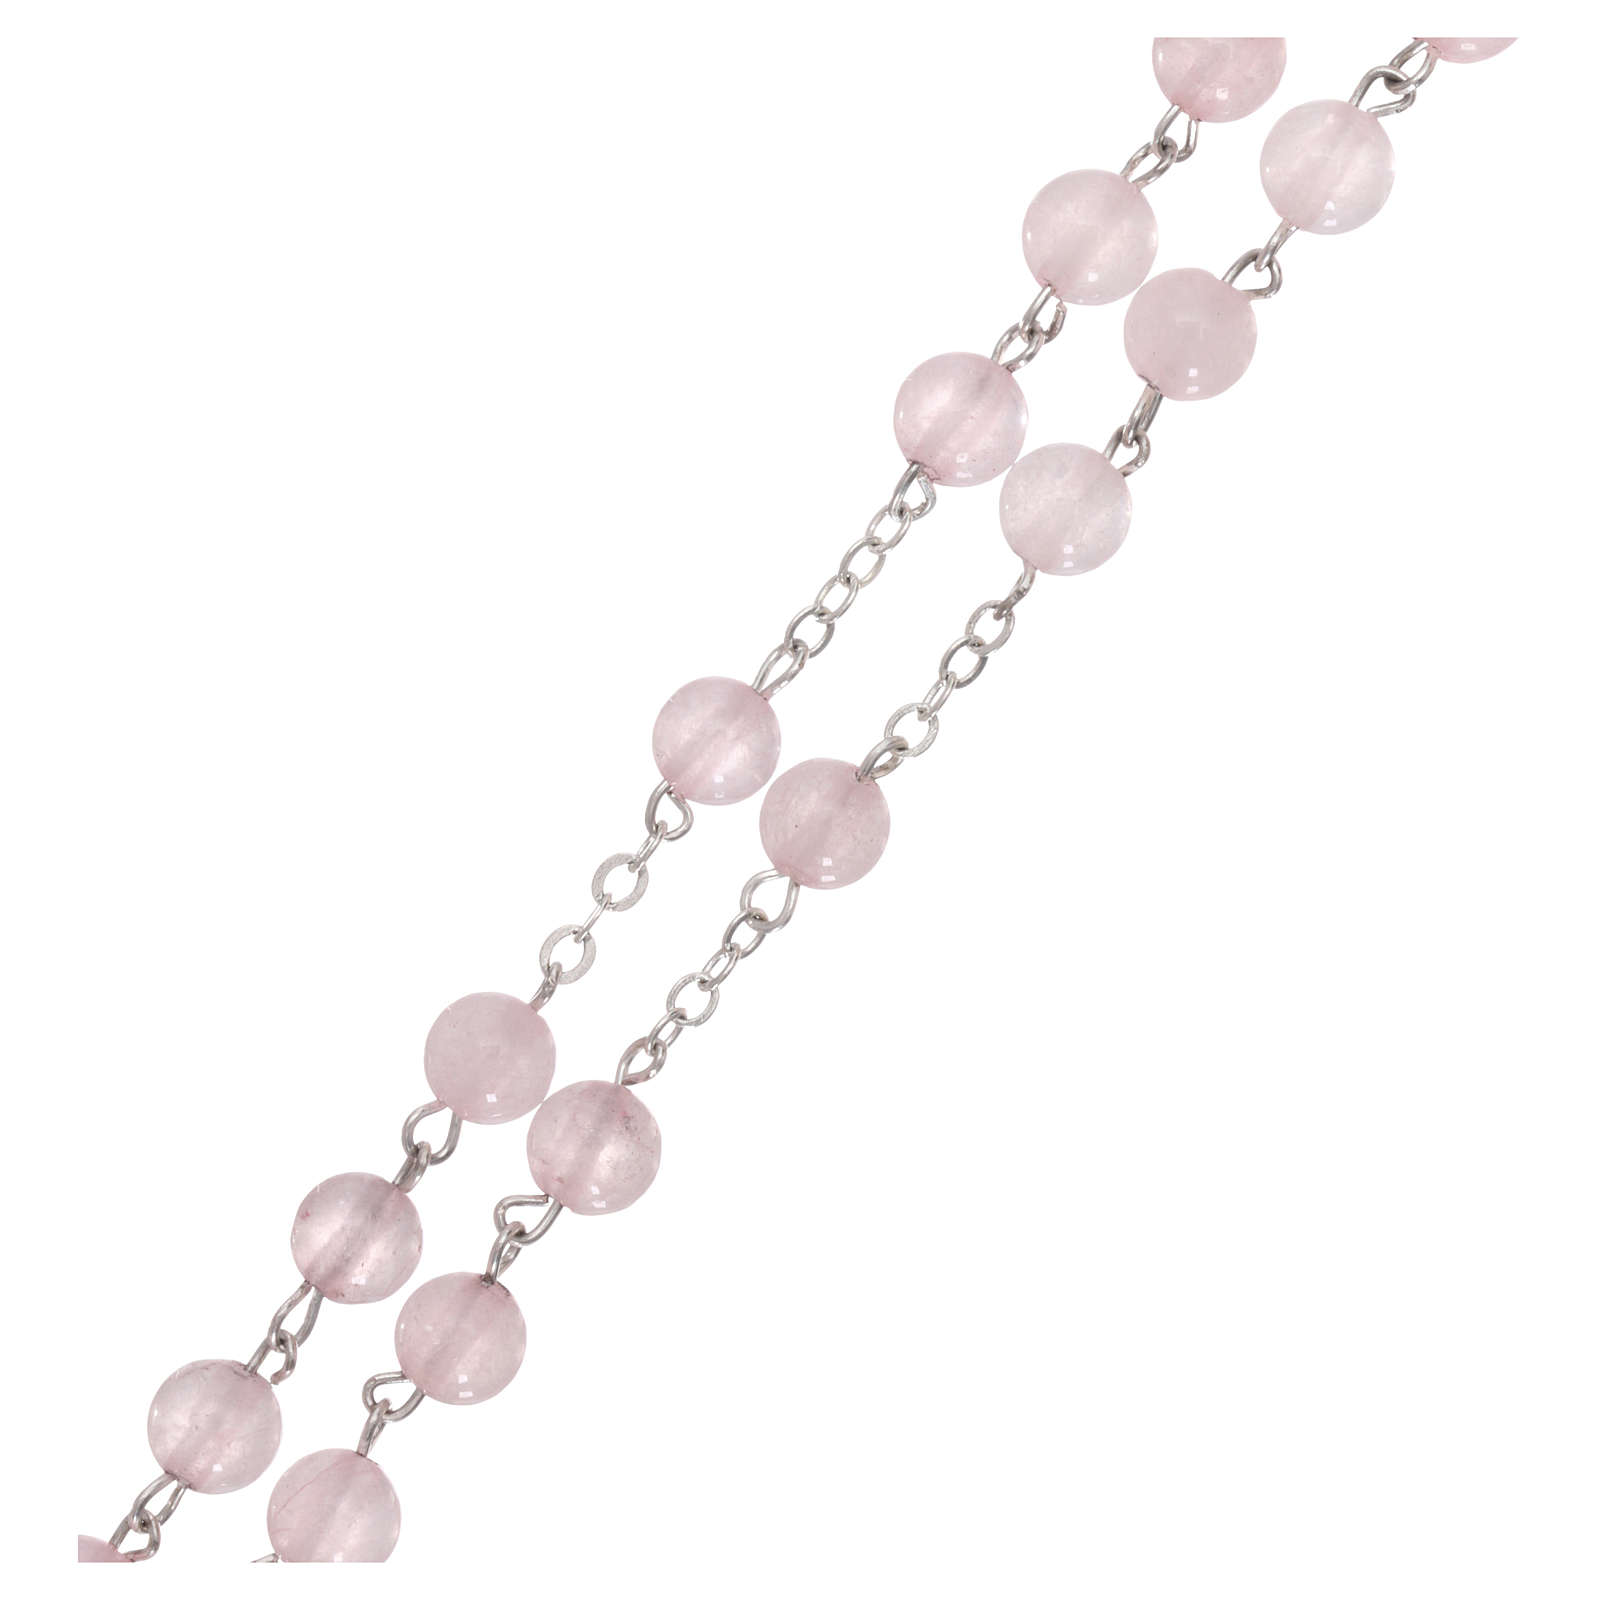 Rosario con grani in vera pietra quarzo rosa mm6 4